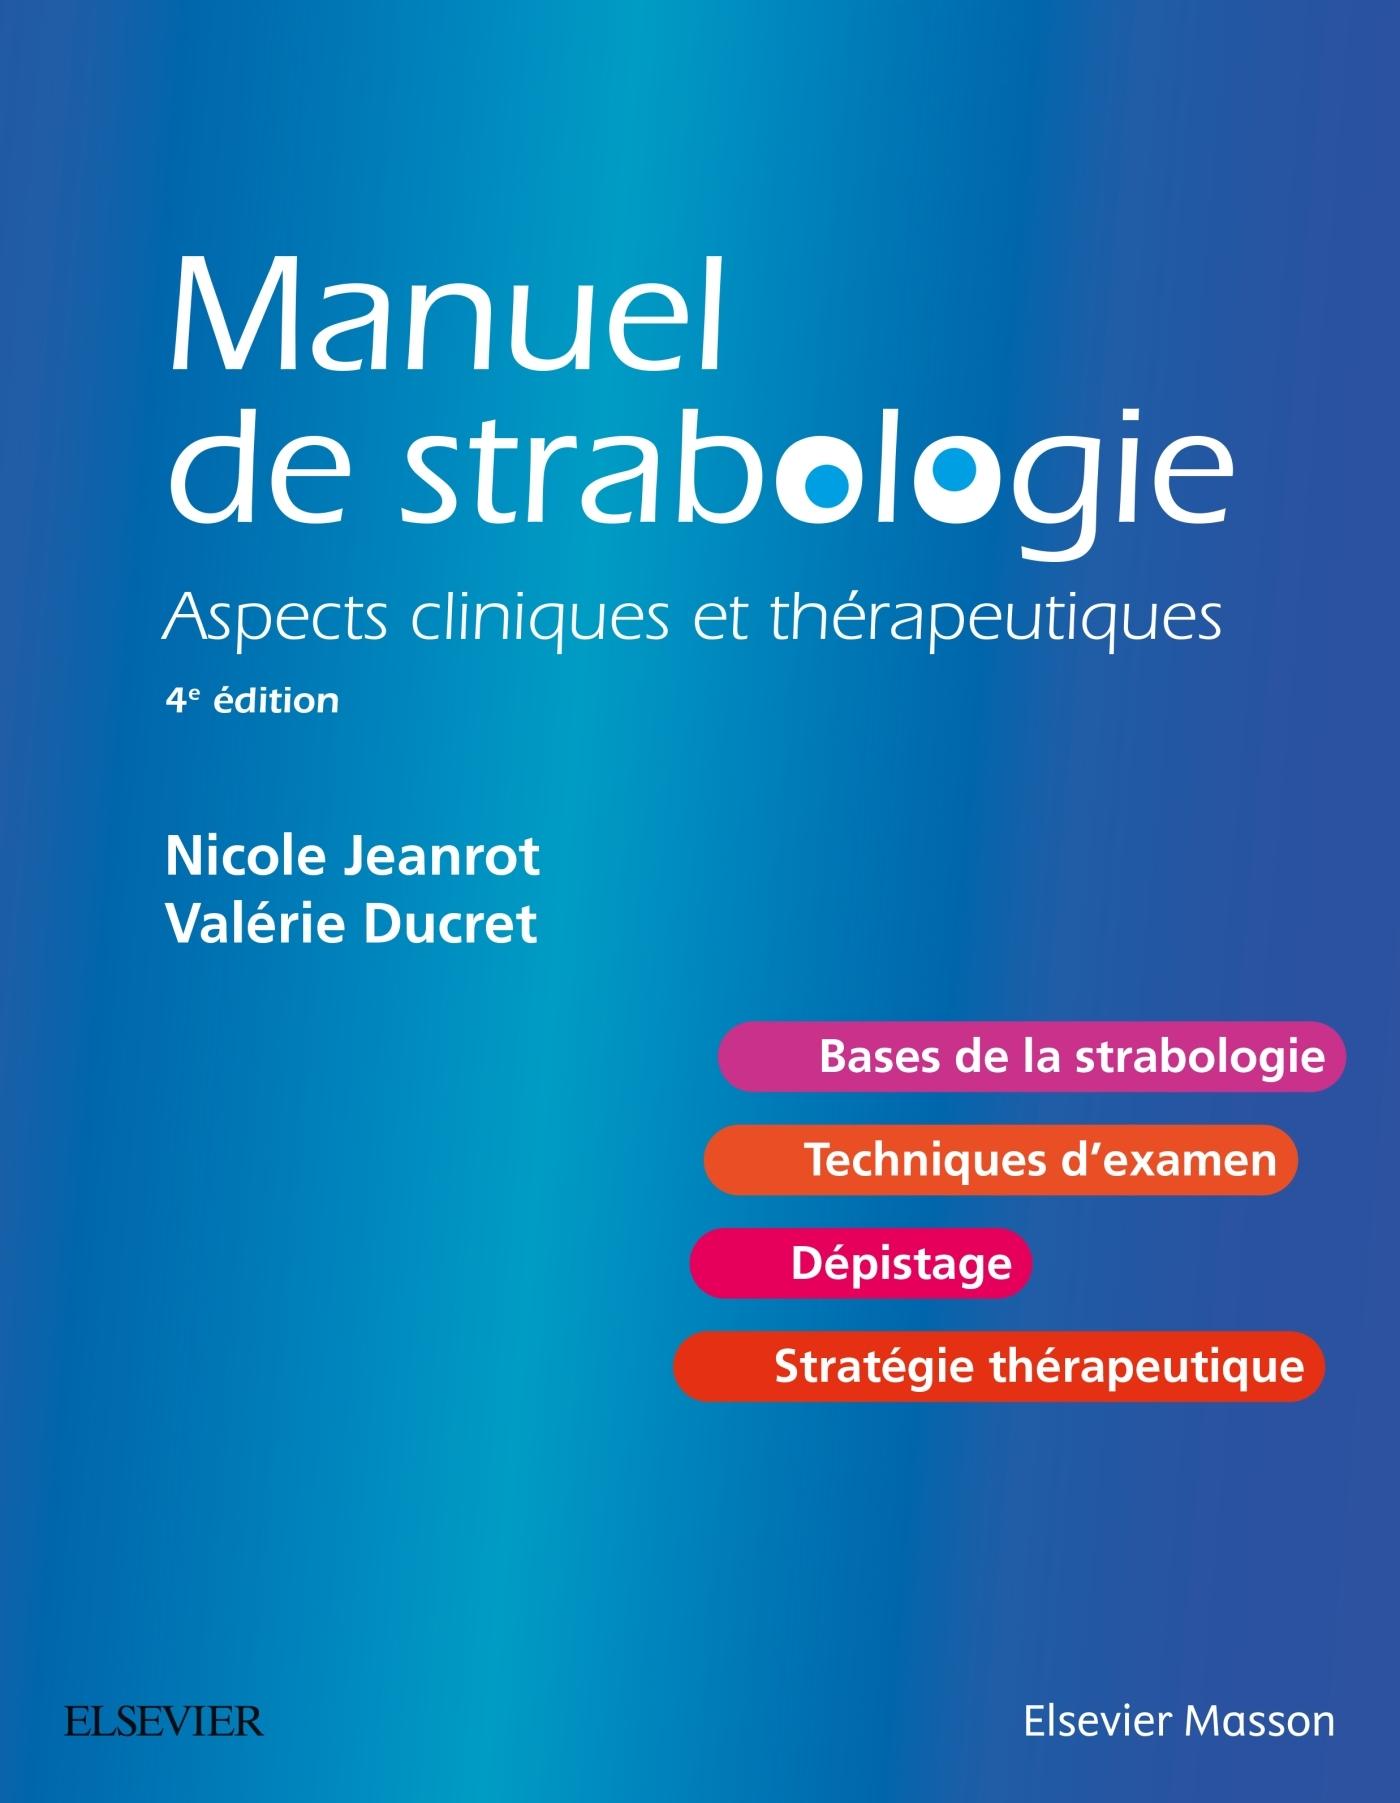 MANUEL DE STRABOLOGIE